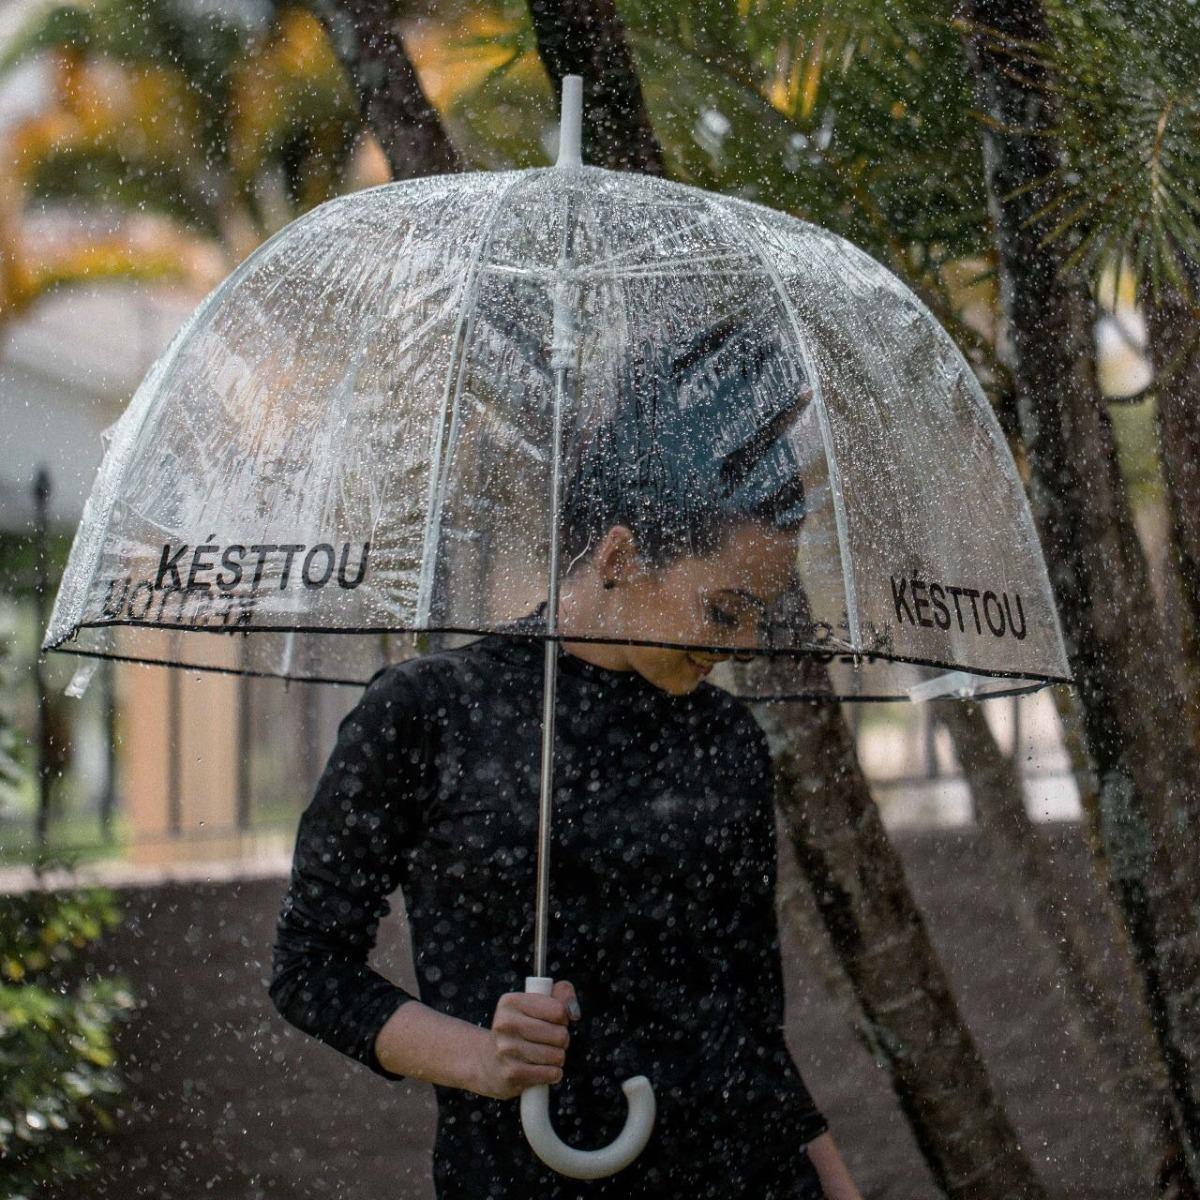 fcc6e48f5 guarda-chuva sombrinha transparente protege penteado késttou. Carregando  zoom.